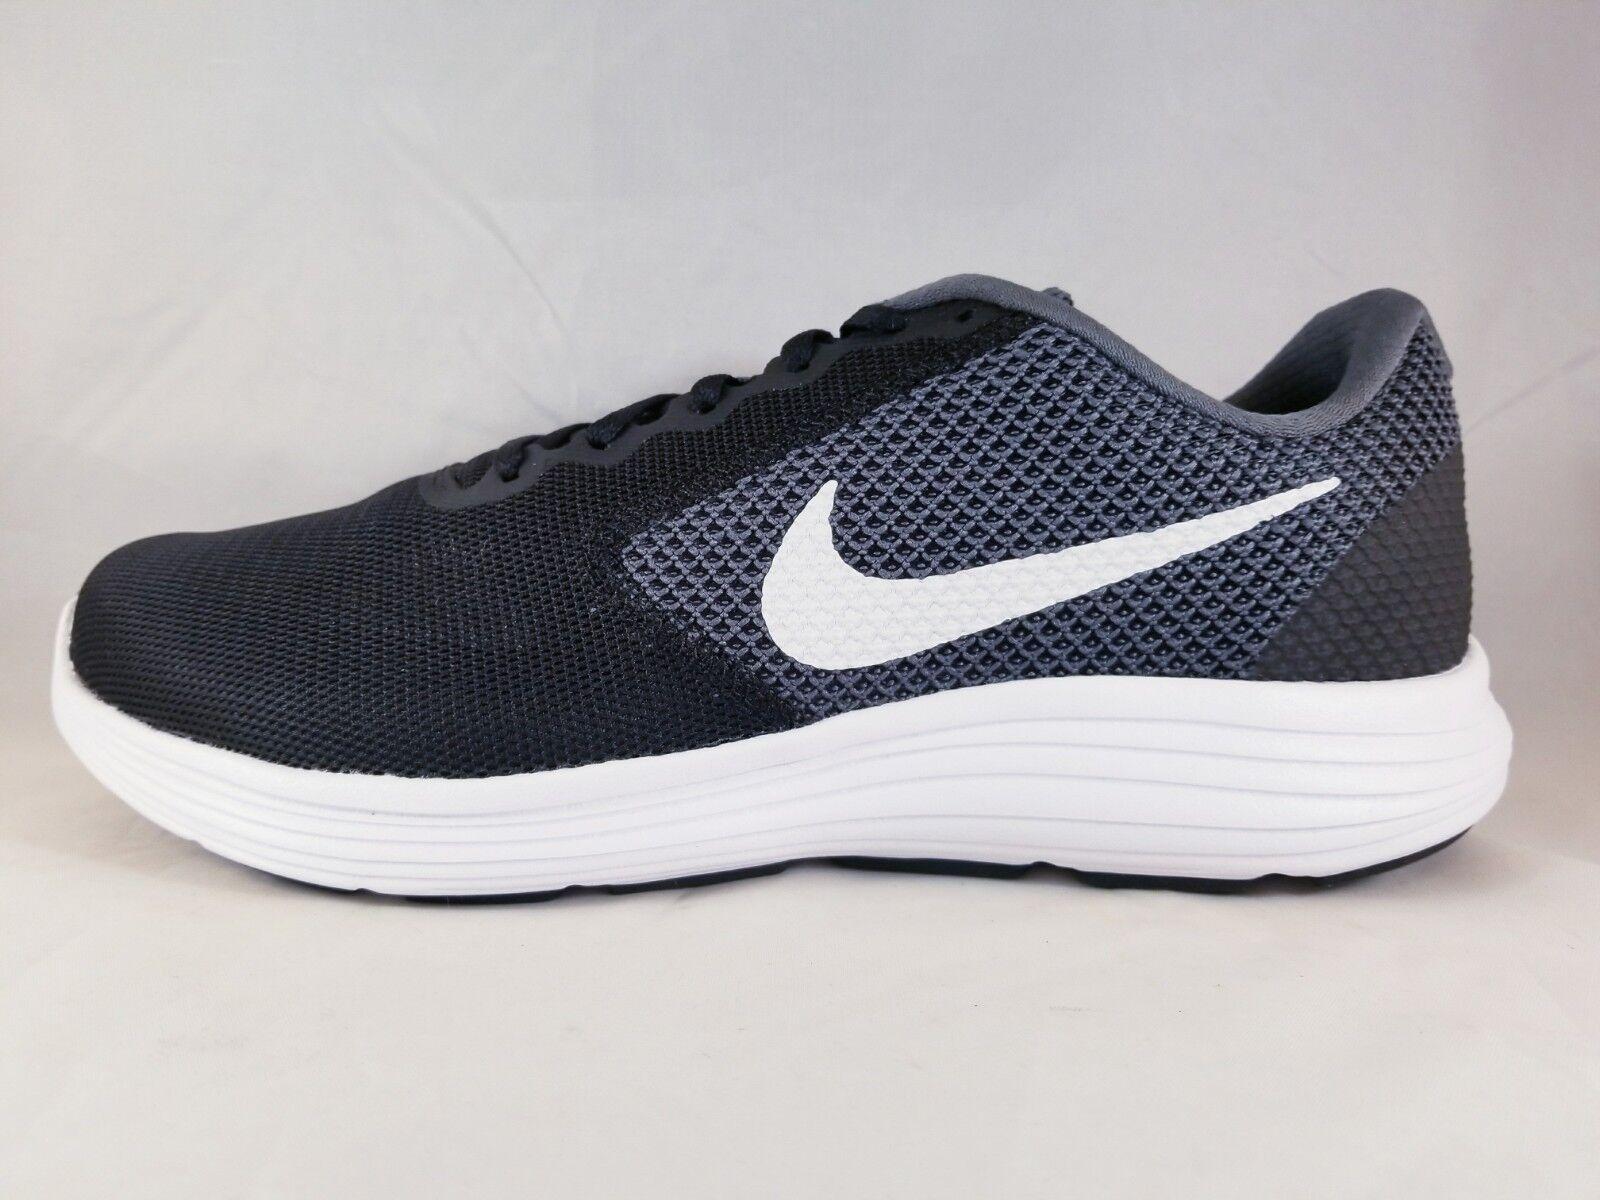 Nike rivoluzione 3 (4e wide) uomini scarpe da corsa 819301 001 dimensioni